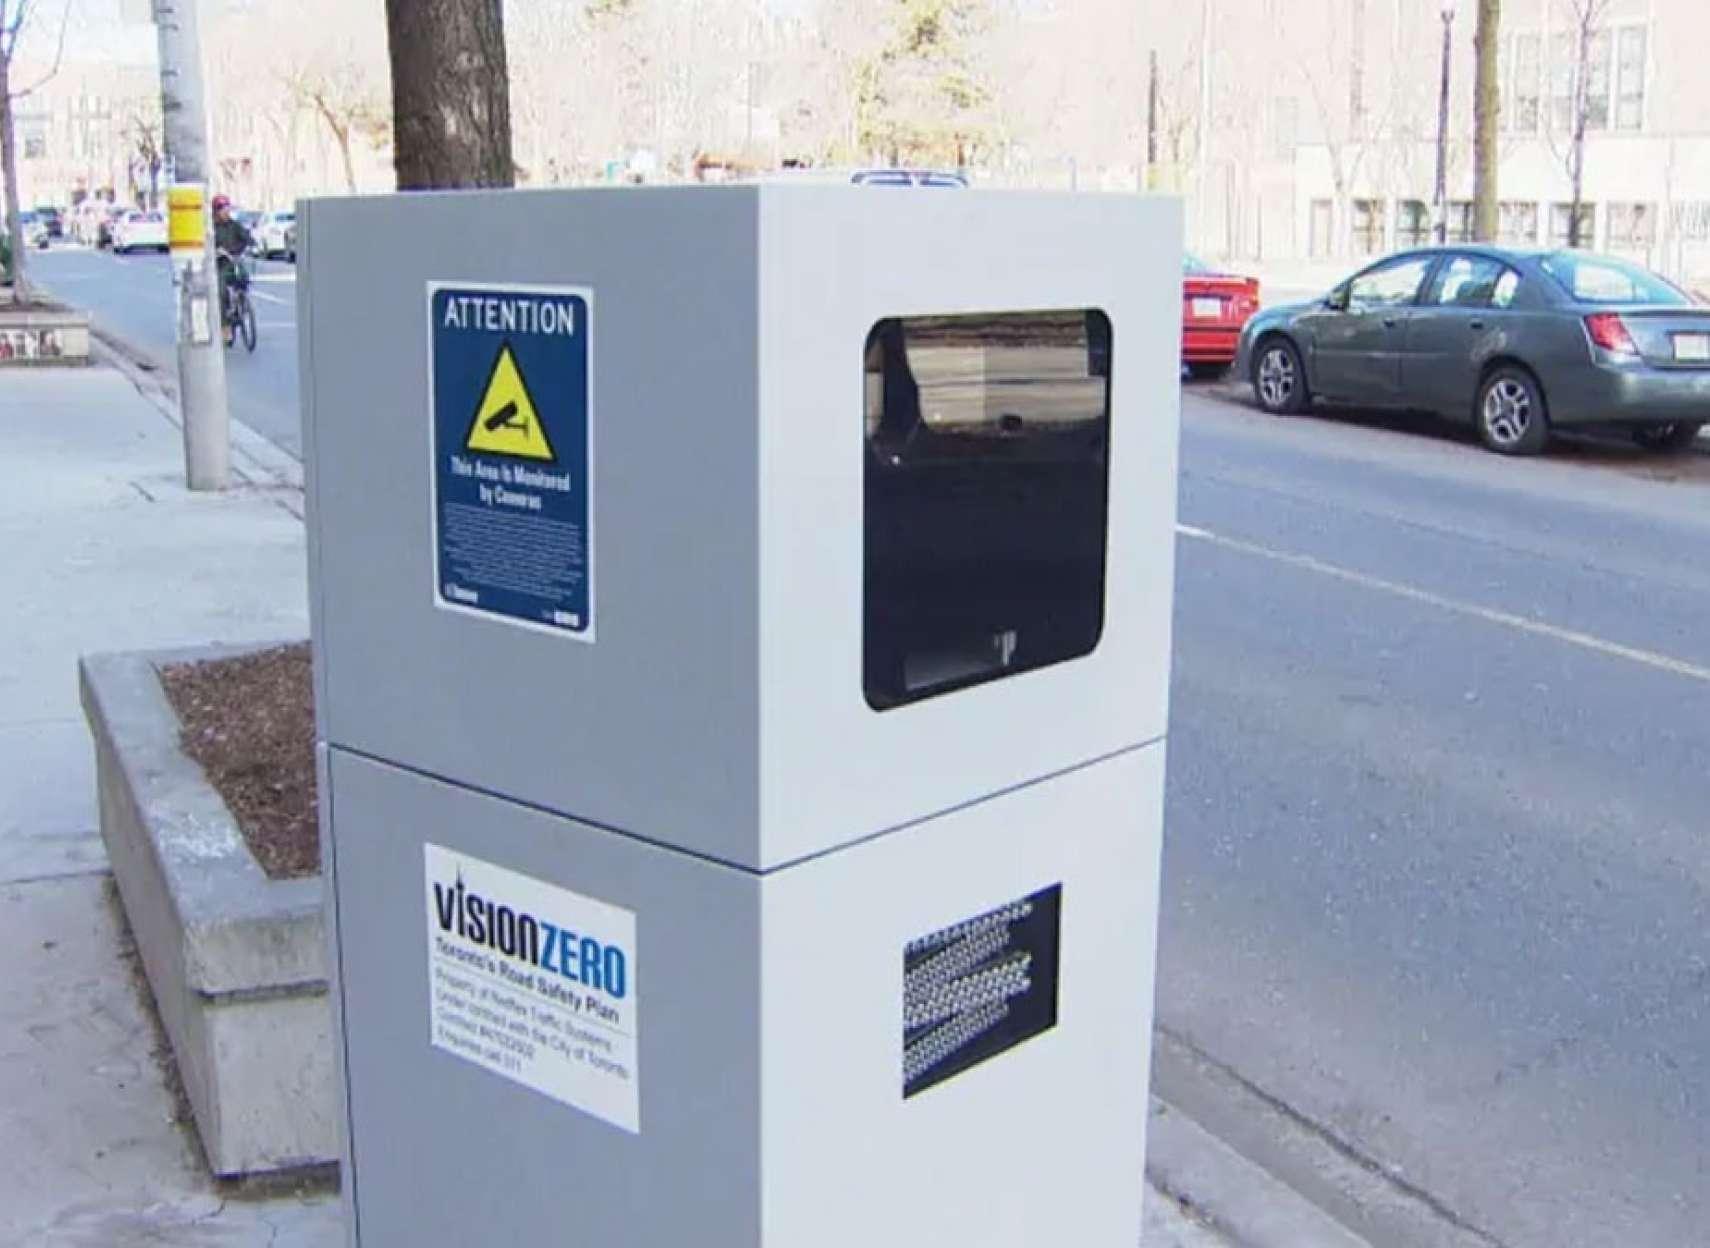 اخبار-تورنتو-دوربین-های-گرانقیمت-جریمه-کننده-پلیس-با-۵۳-هزار-جریمه-تورنتویی-ها-را-نقره-داغ-کردند